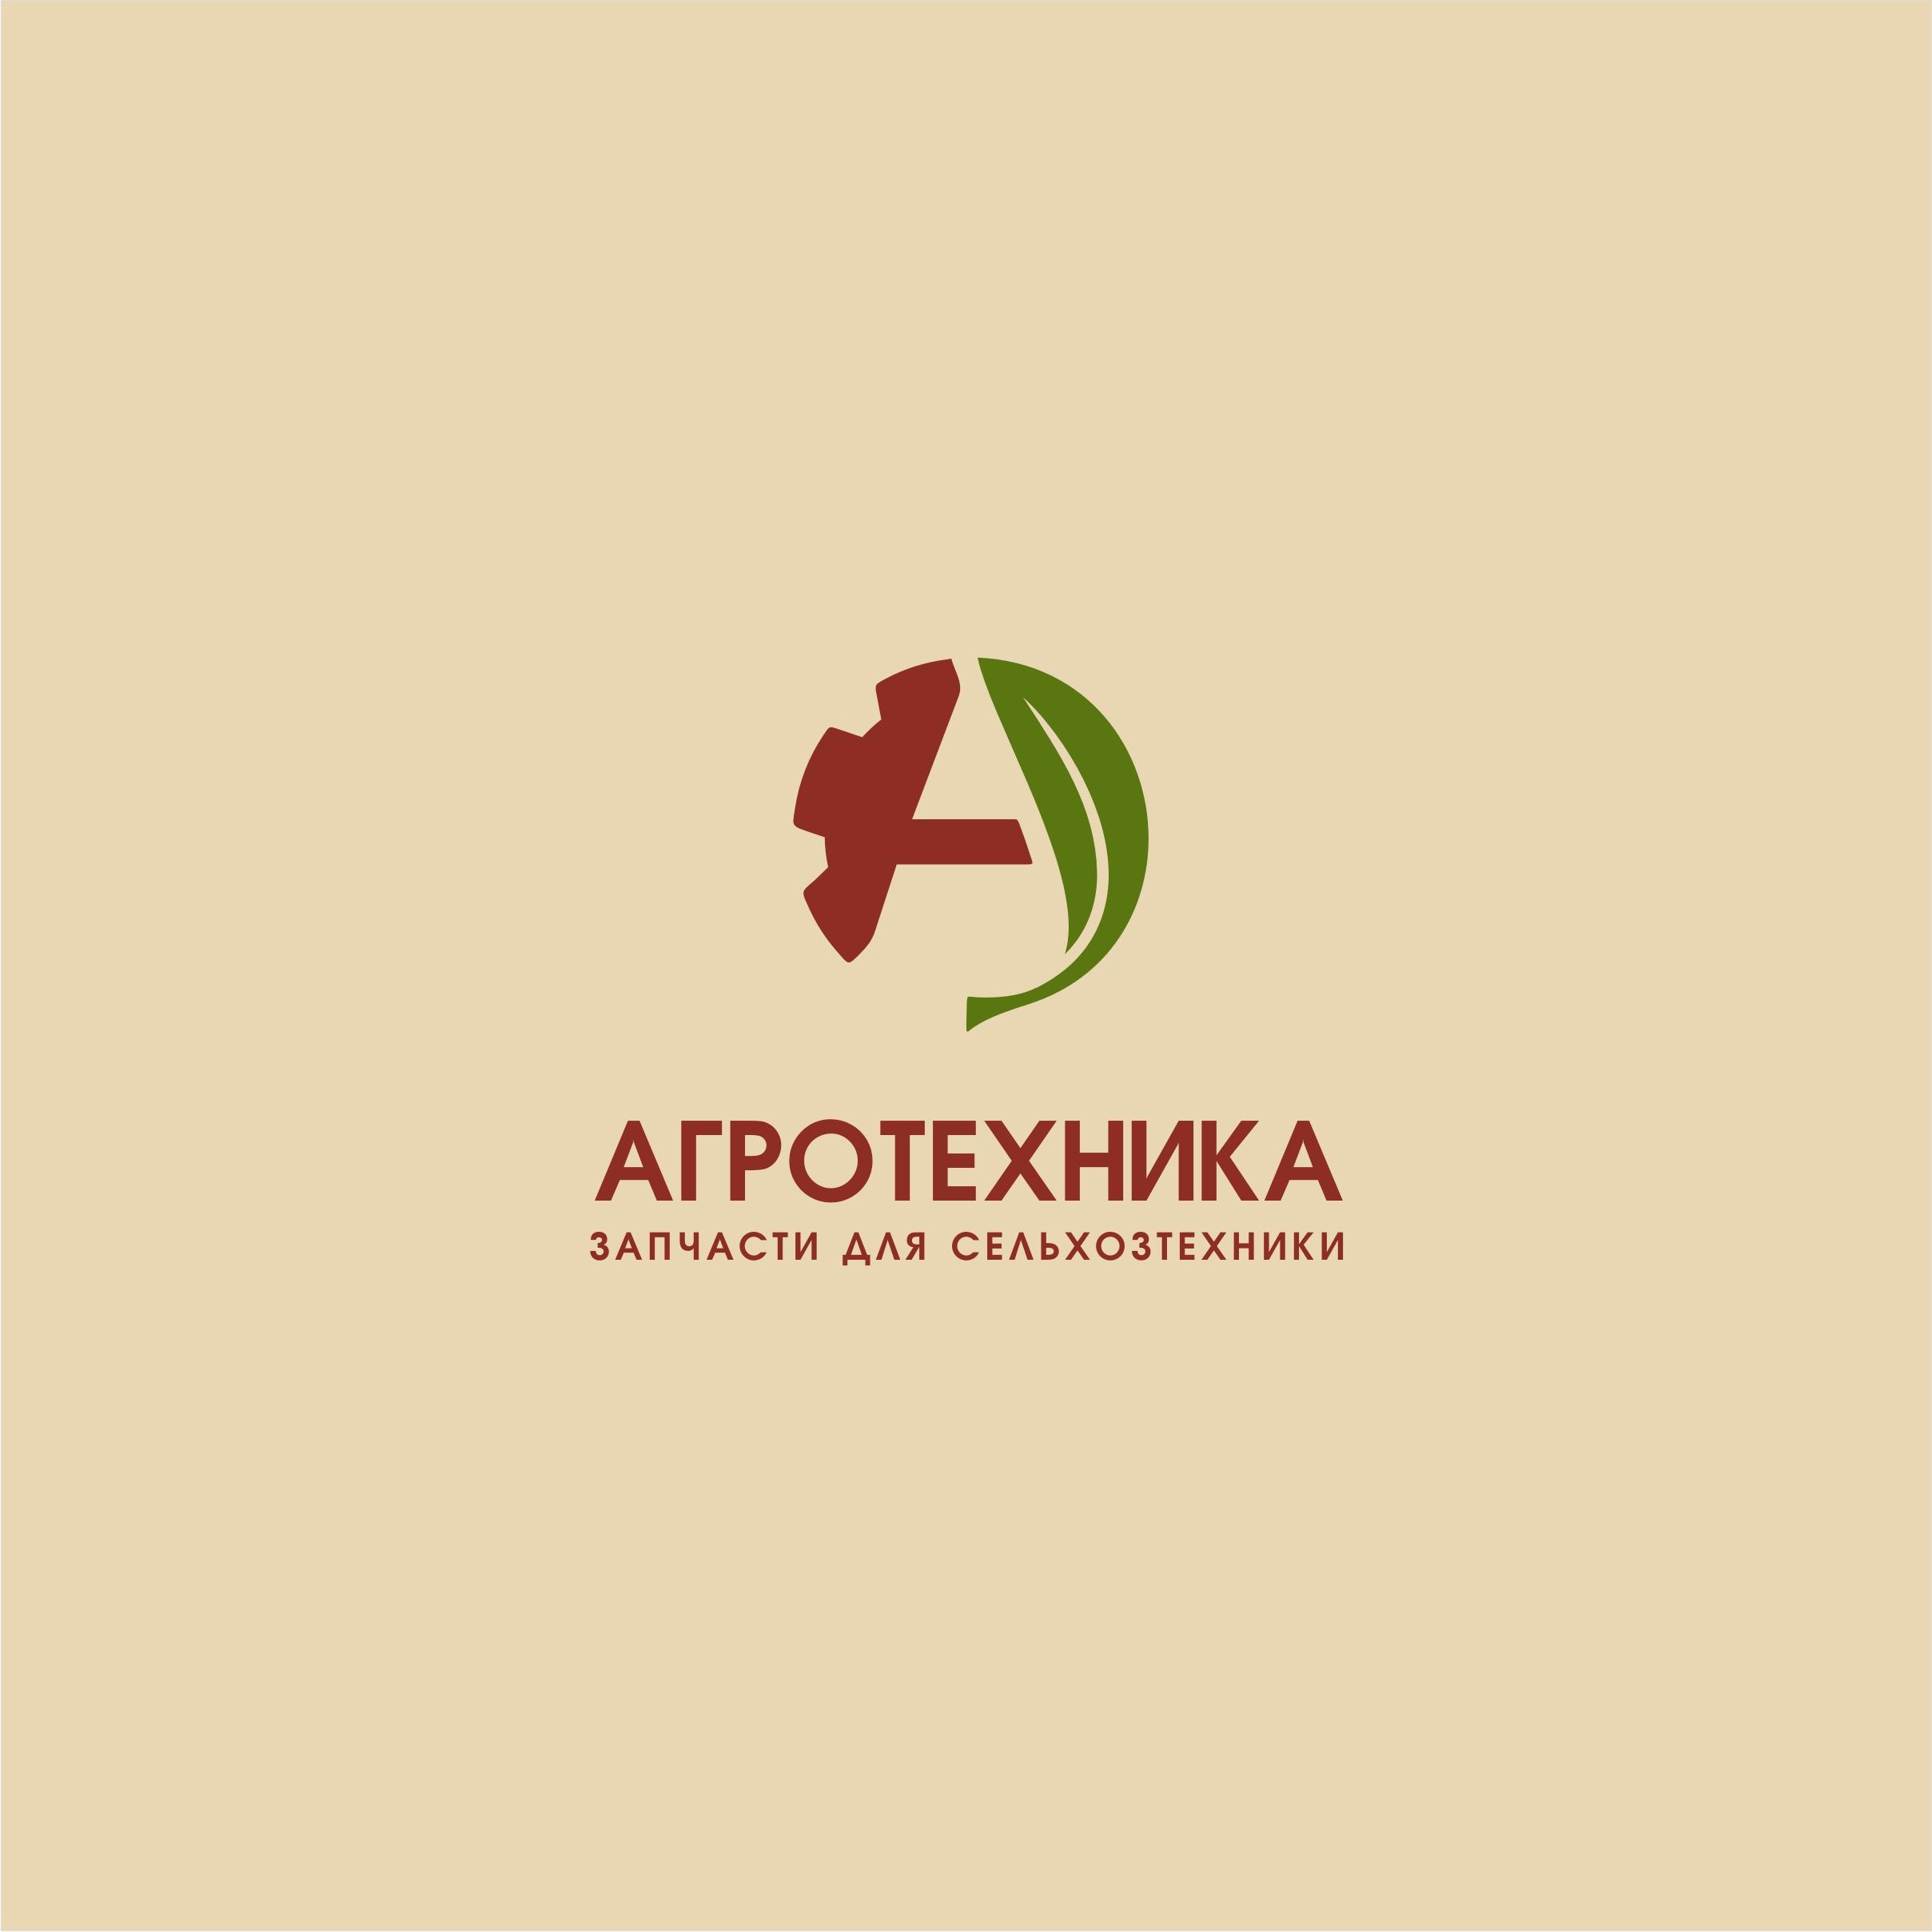 Разработка логотипа для компании Агротехника фото f_1425c013624afef2.jpg